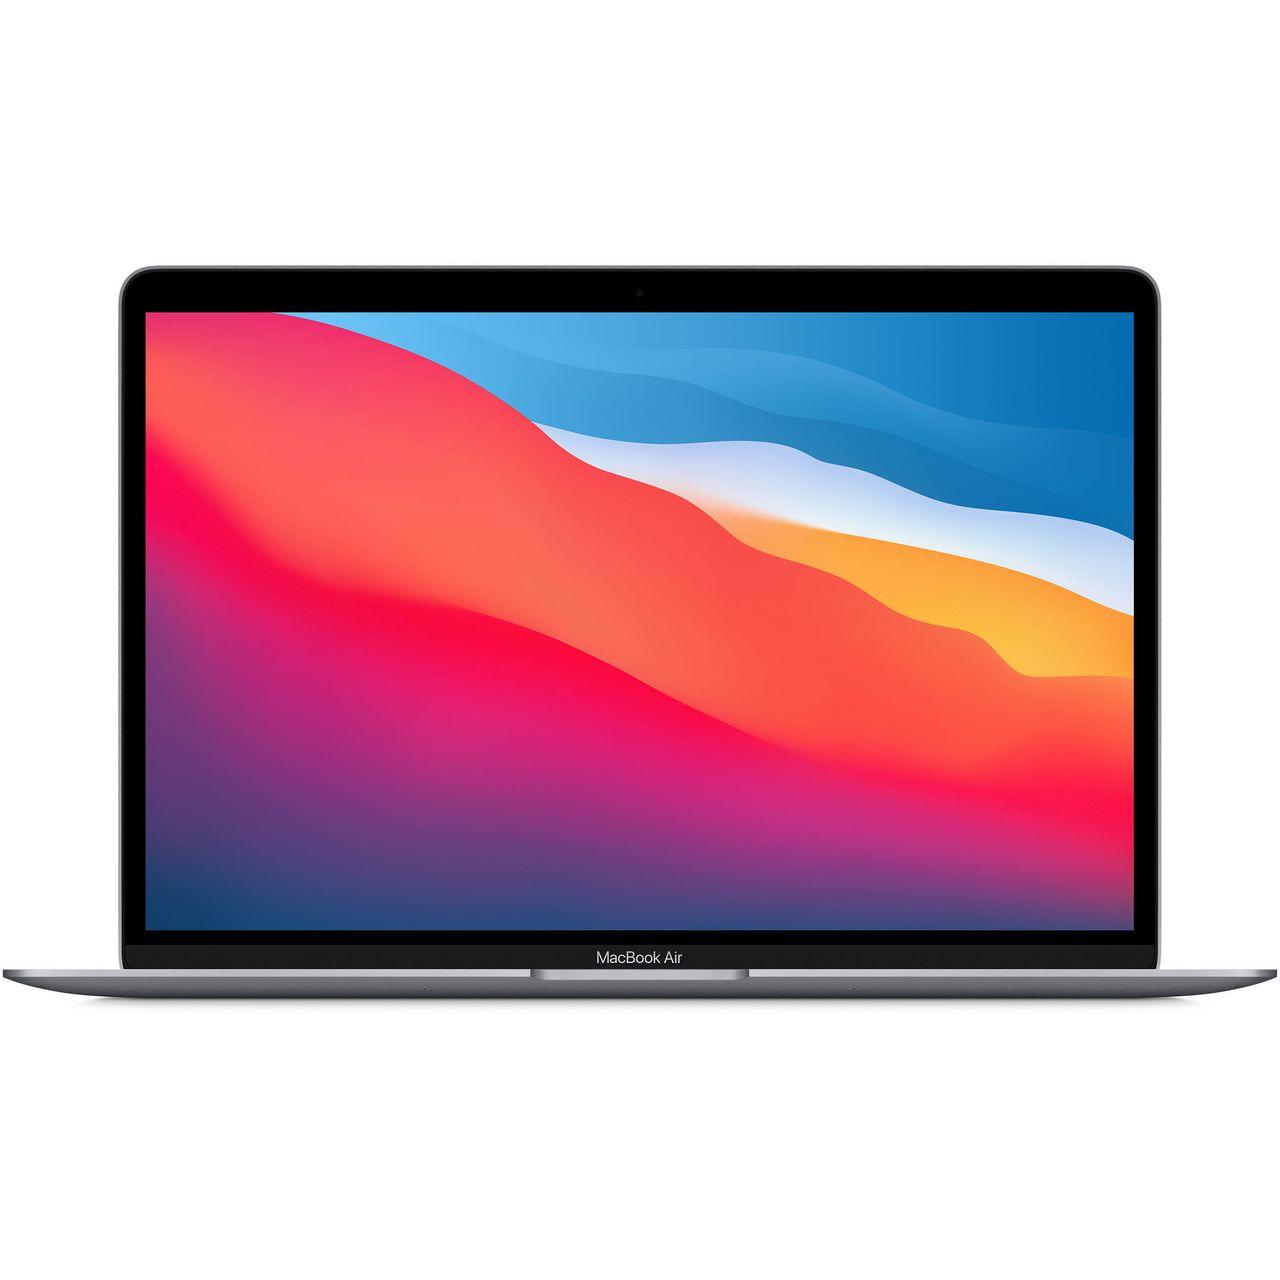 لپ تاپ ۱۳ اینچی اپل مدل MacBook Air MGN63 2020